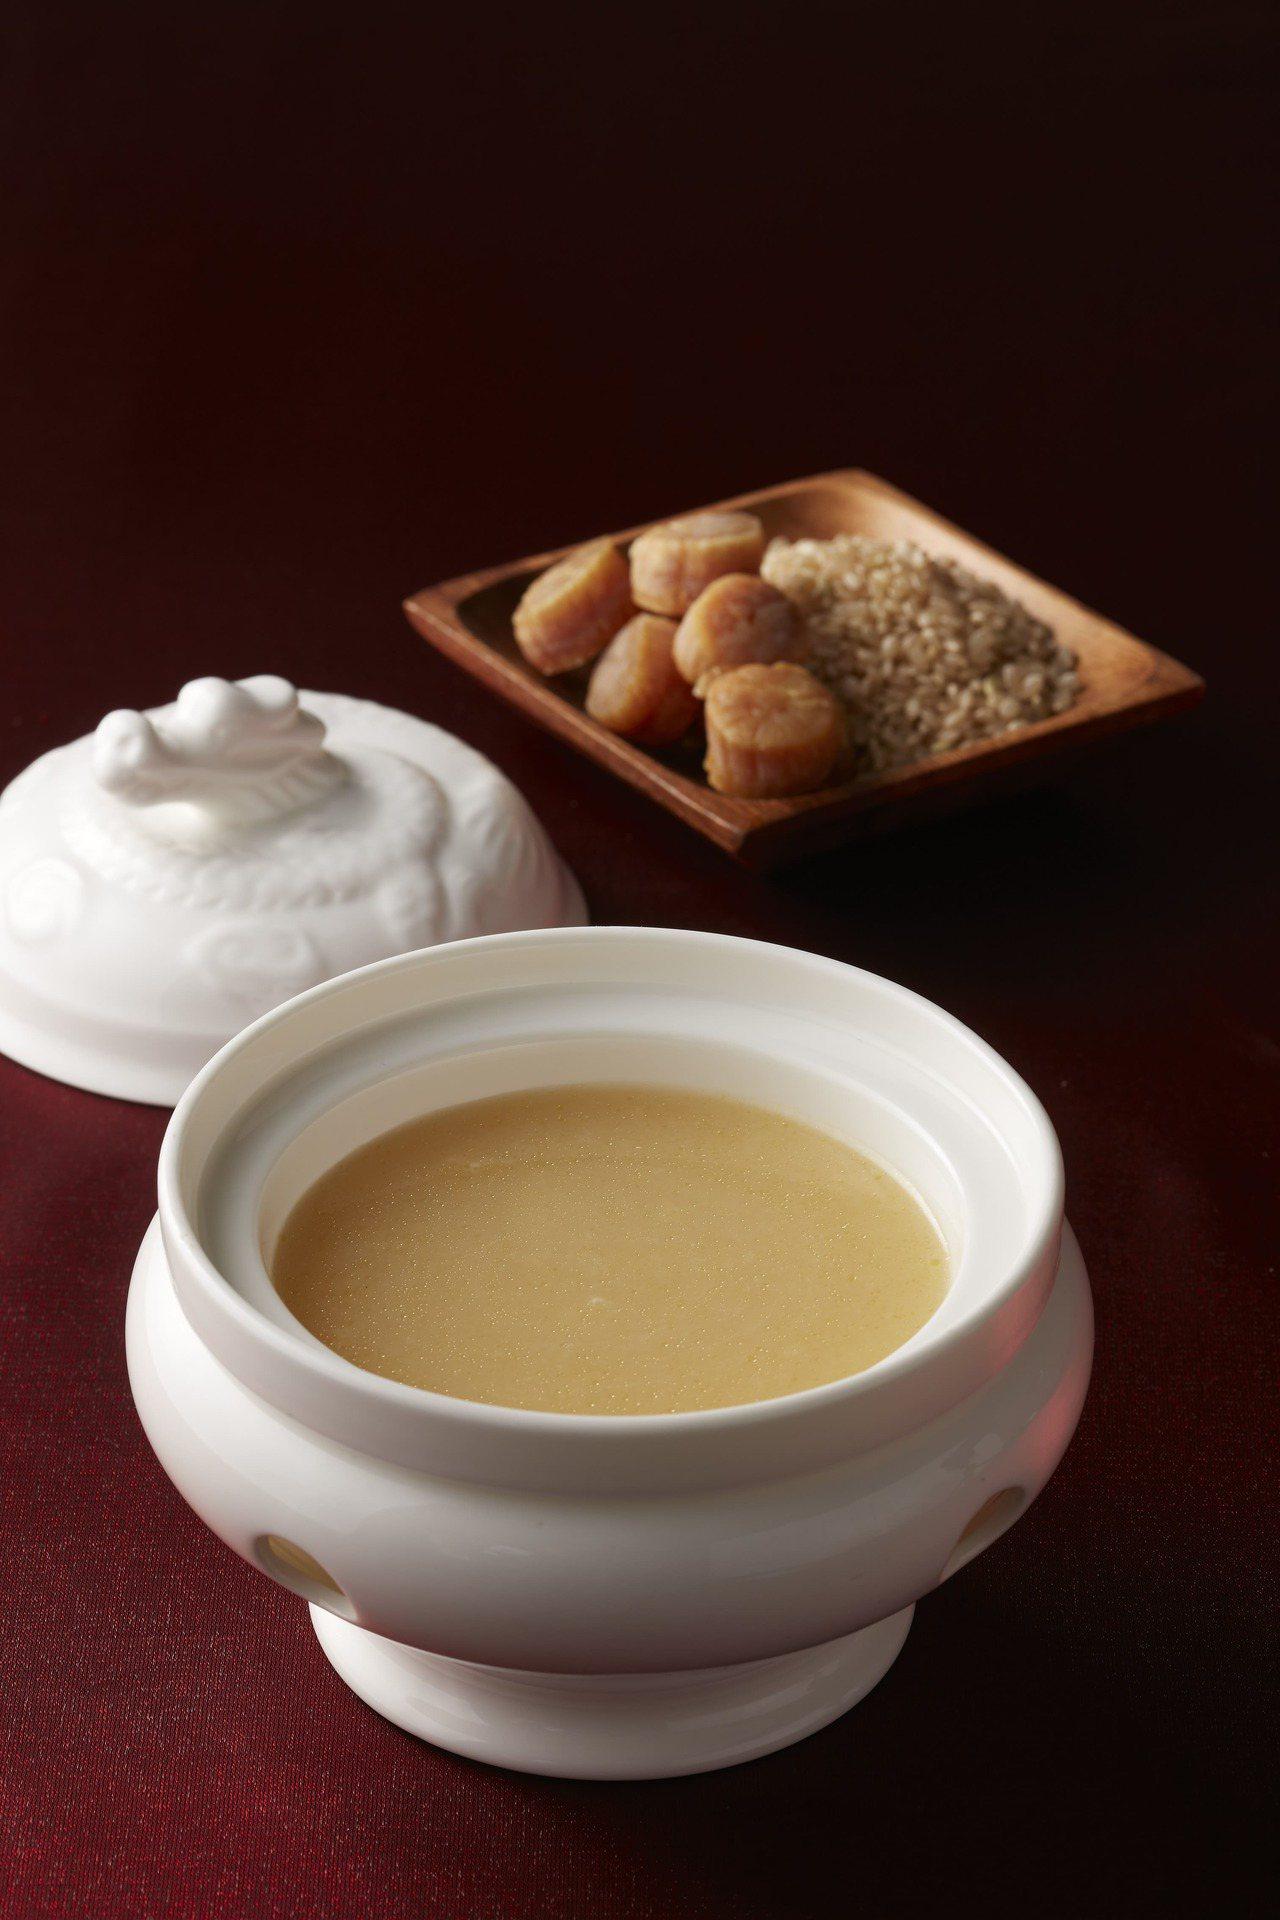 元氣滿滿的「寒舍雞粥」。圖/台北寒舍艾美酒店提供